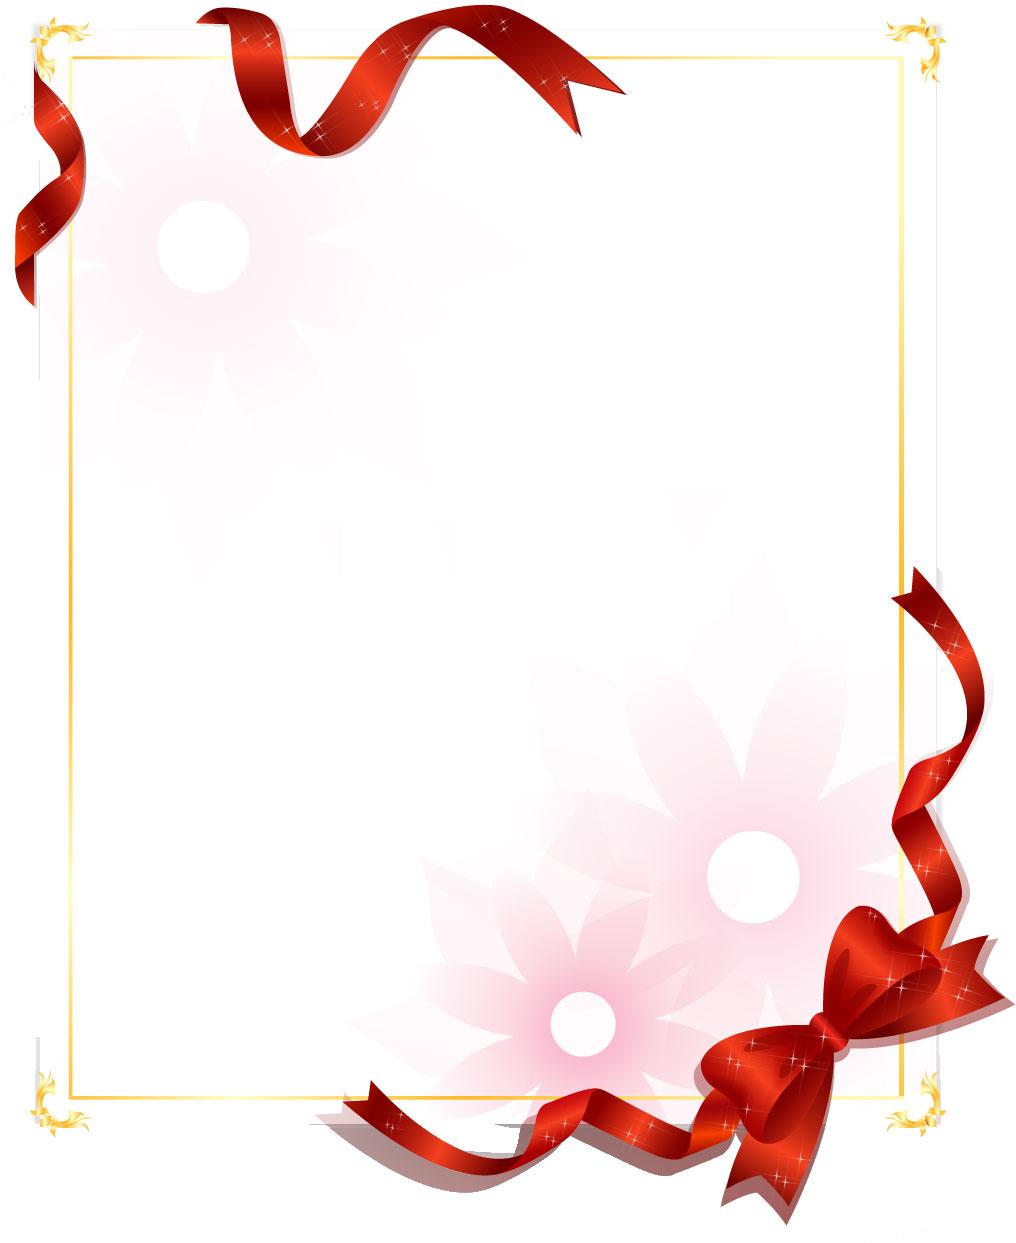 花のイラスト・フリー素材/フレーム枠no.515『レッドリボン・淡い』